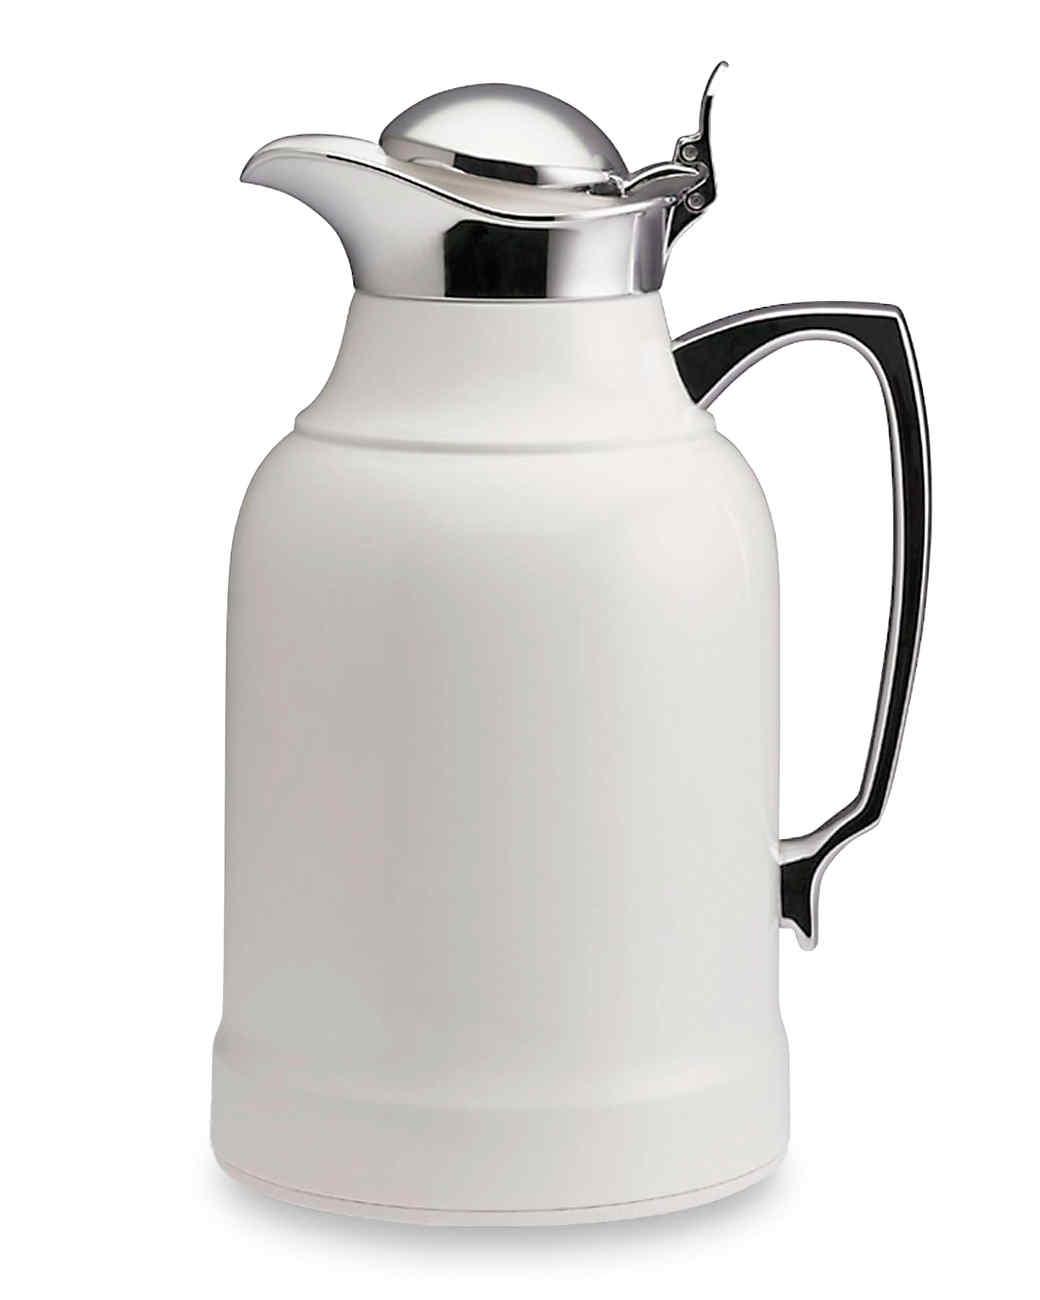 alfi-carafe-highres-white-william-sonoma-ms109215.jpg